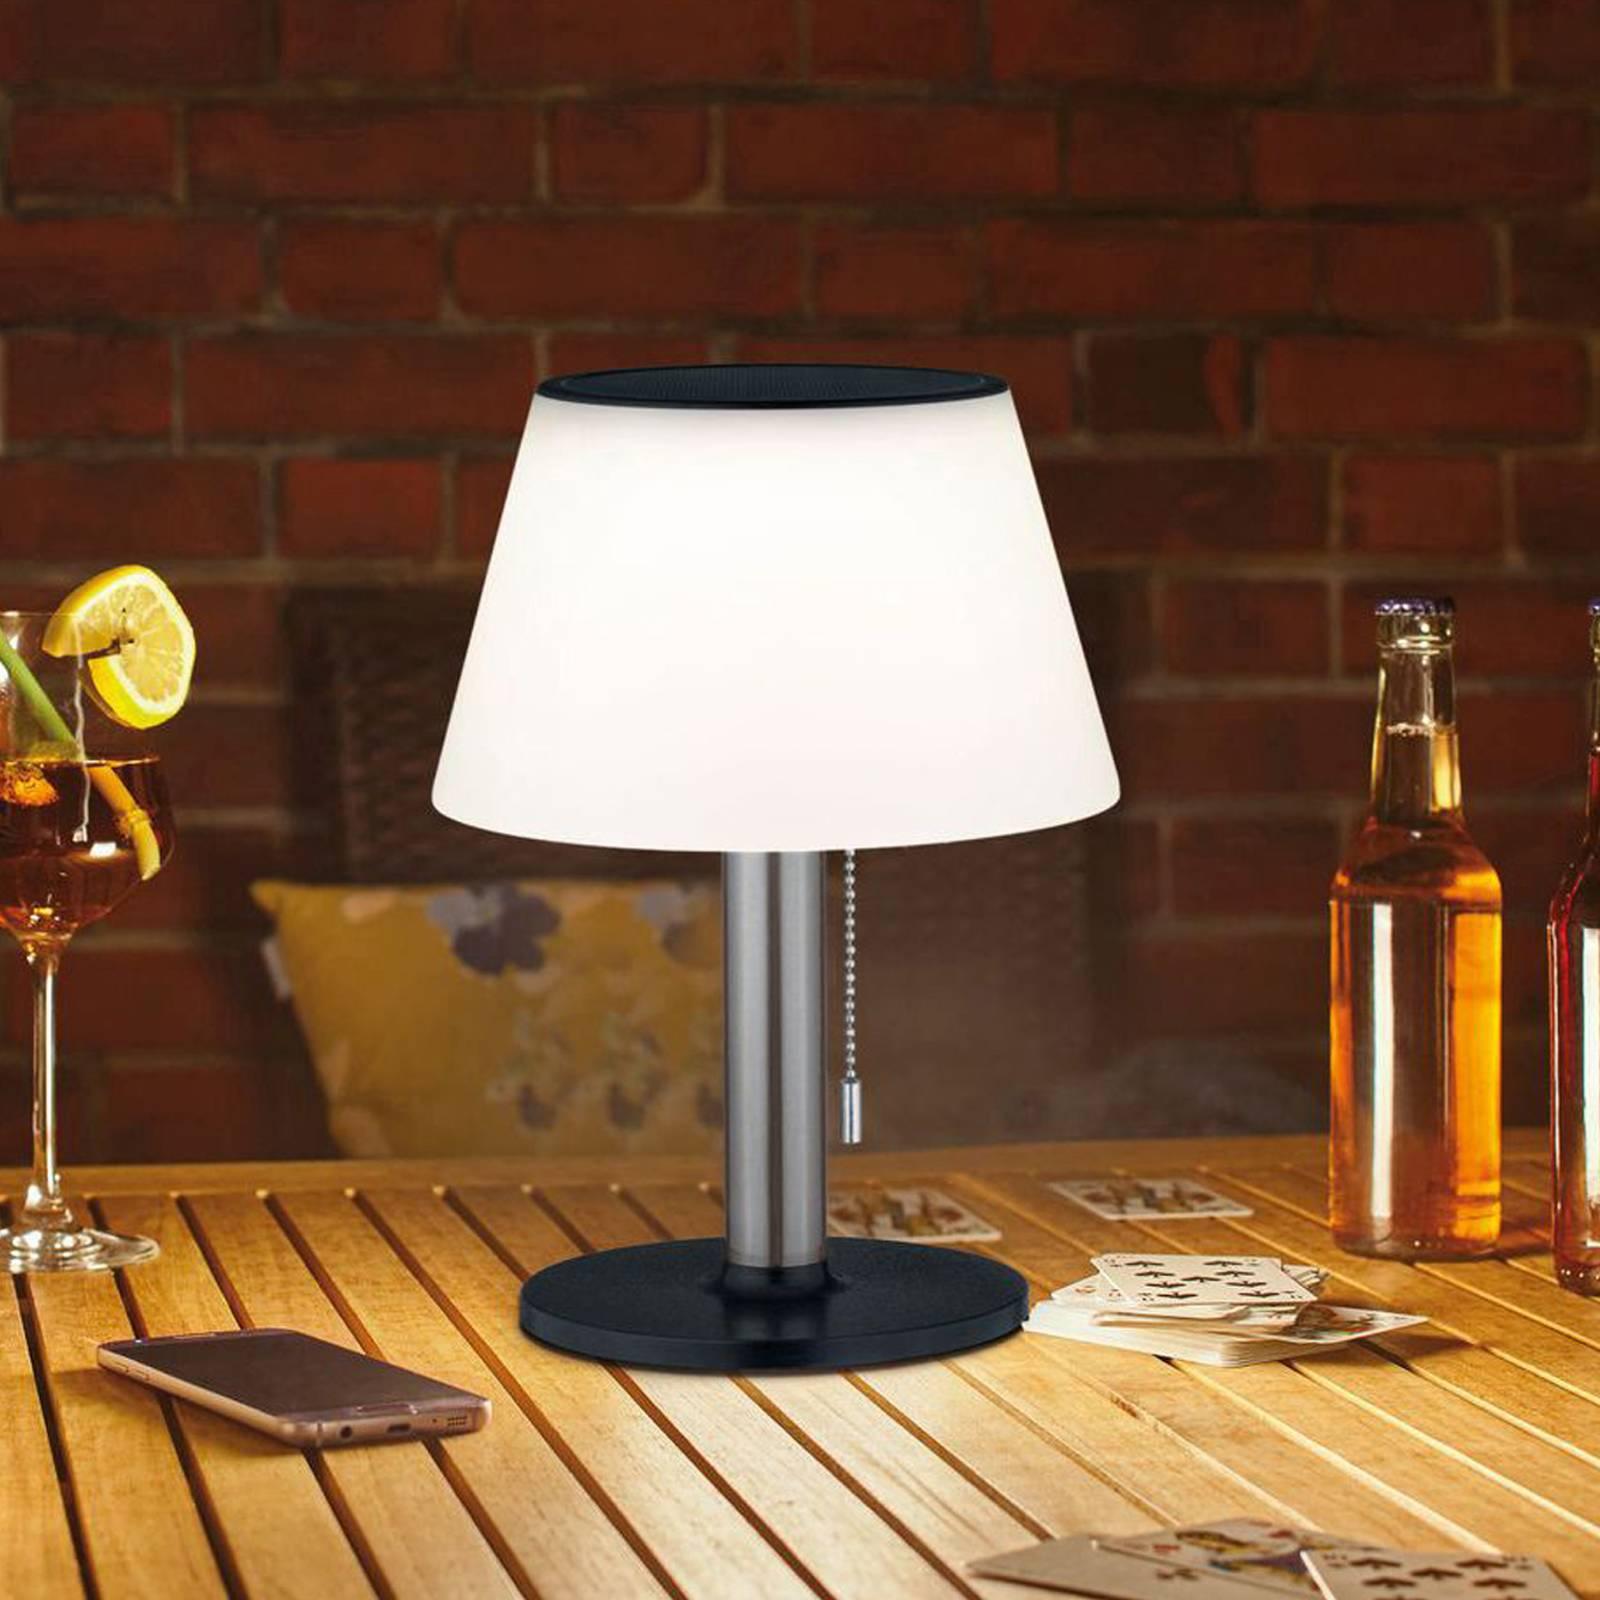 Paulmann Lillesol solarna lampa stołowa zewnętrzna